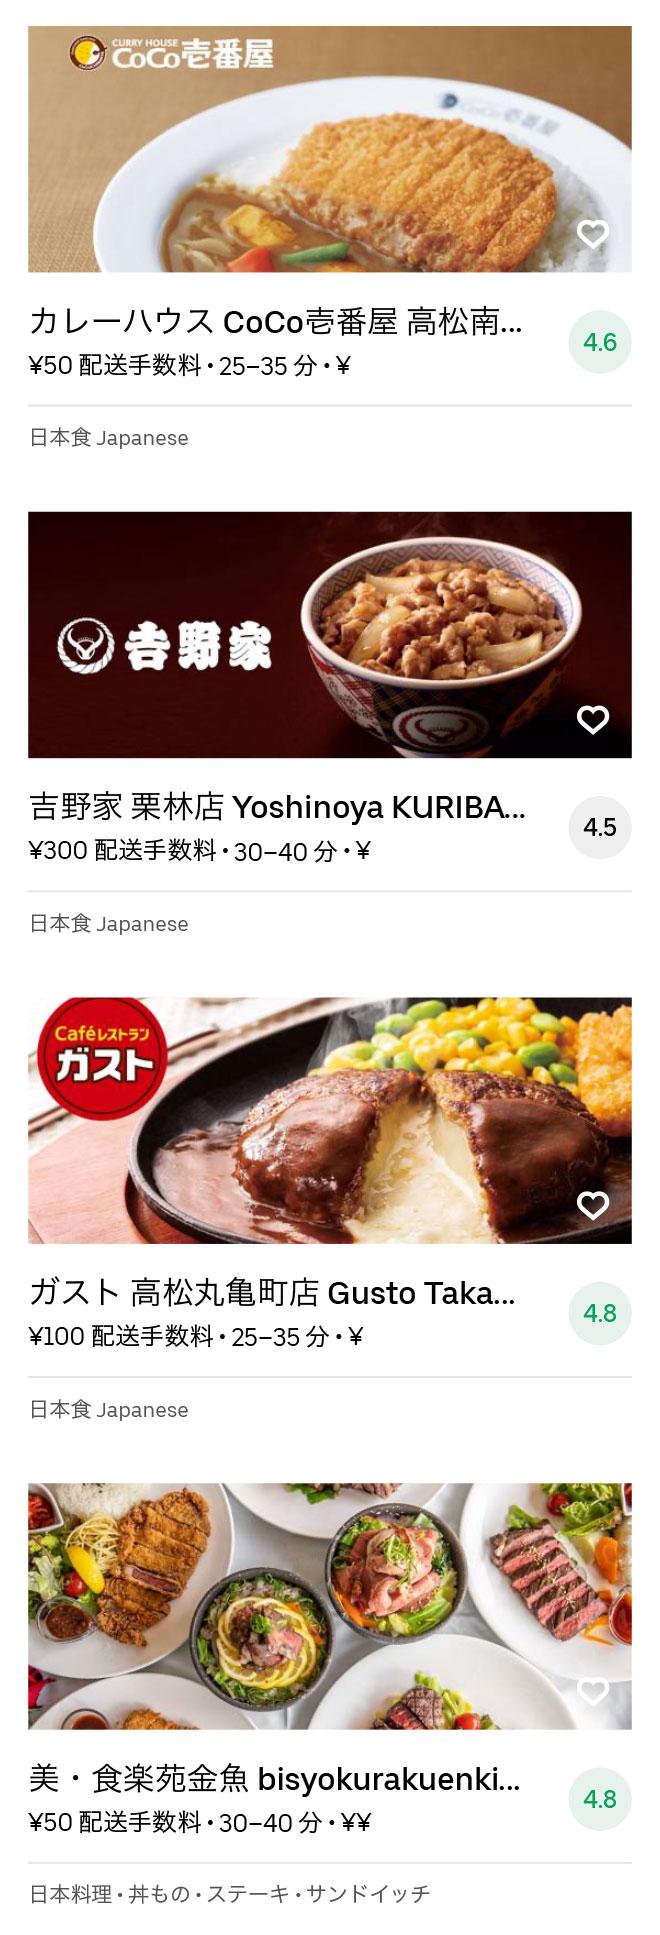 Katahara machi menu 2008 04